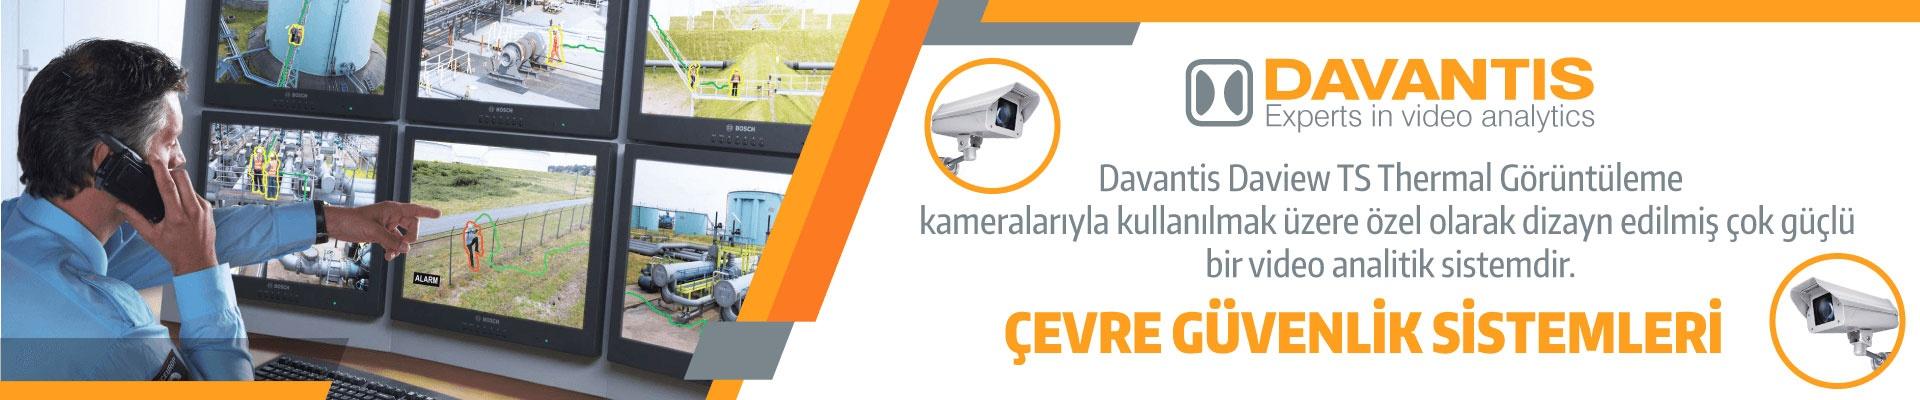 Davantis Çevre Güvenlik Sistemleri !